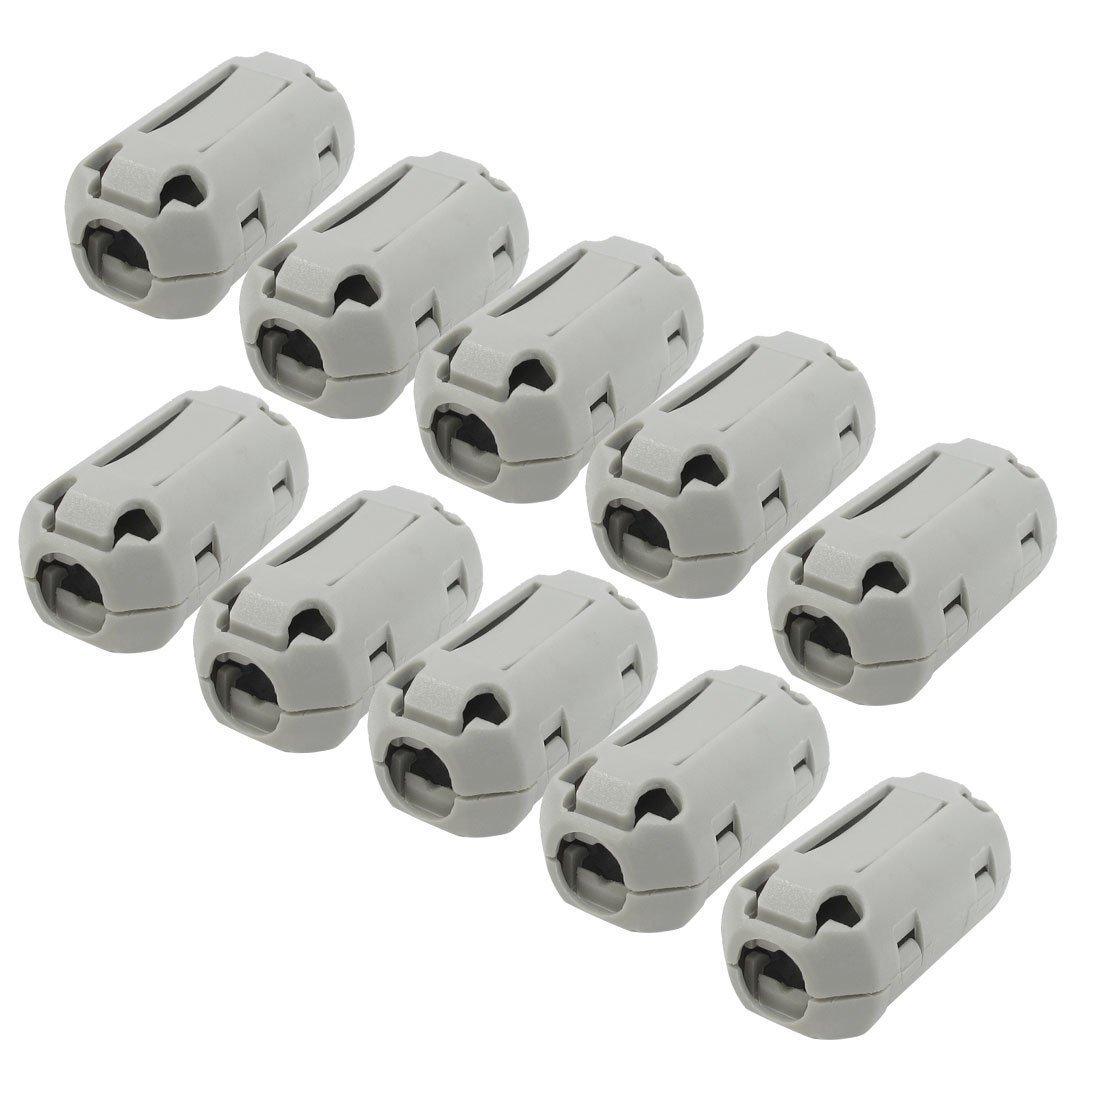 TOOGOO(R) UF70B Filtro De Ruido Ferrita Clip para 7mm Diametro Audio Vedio Cable 10 Piezas